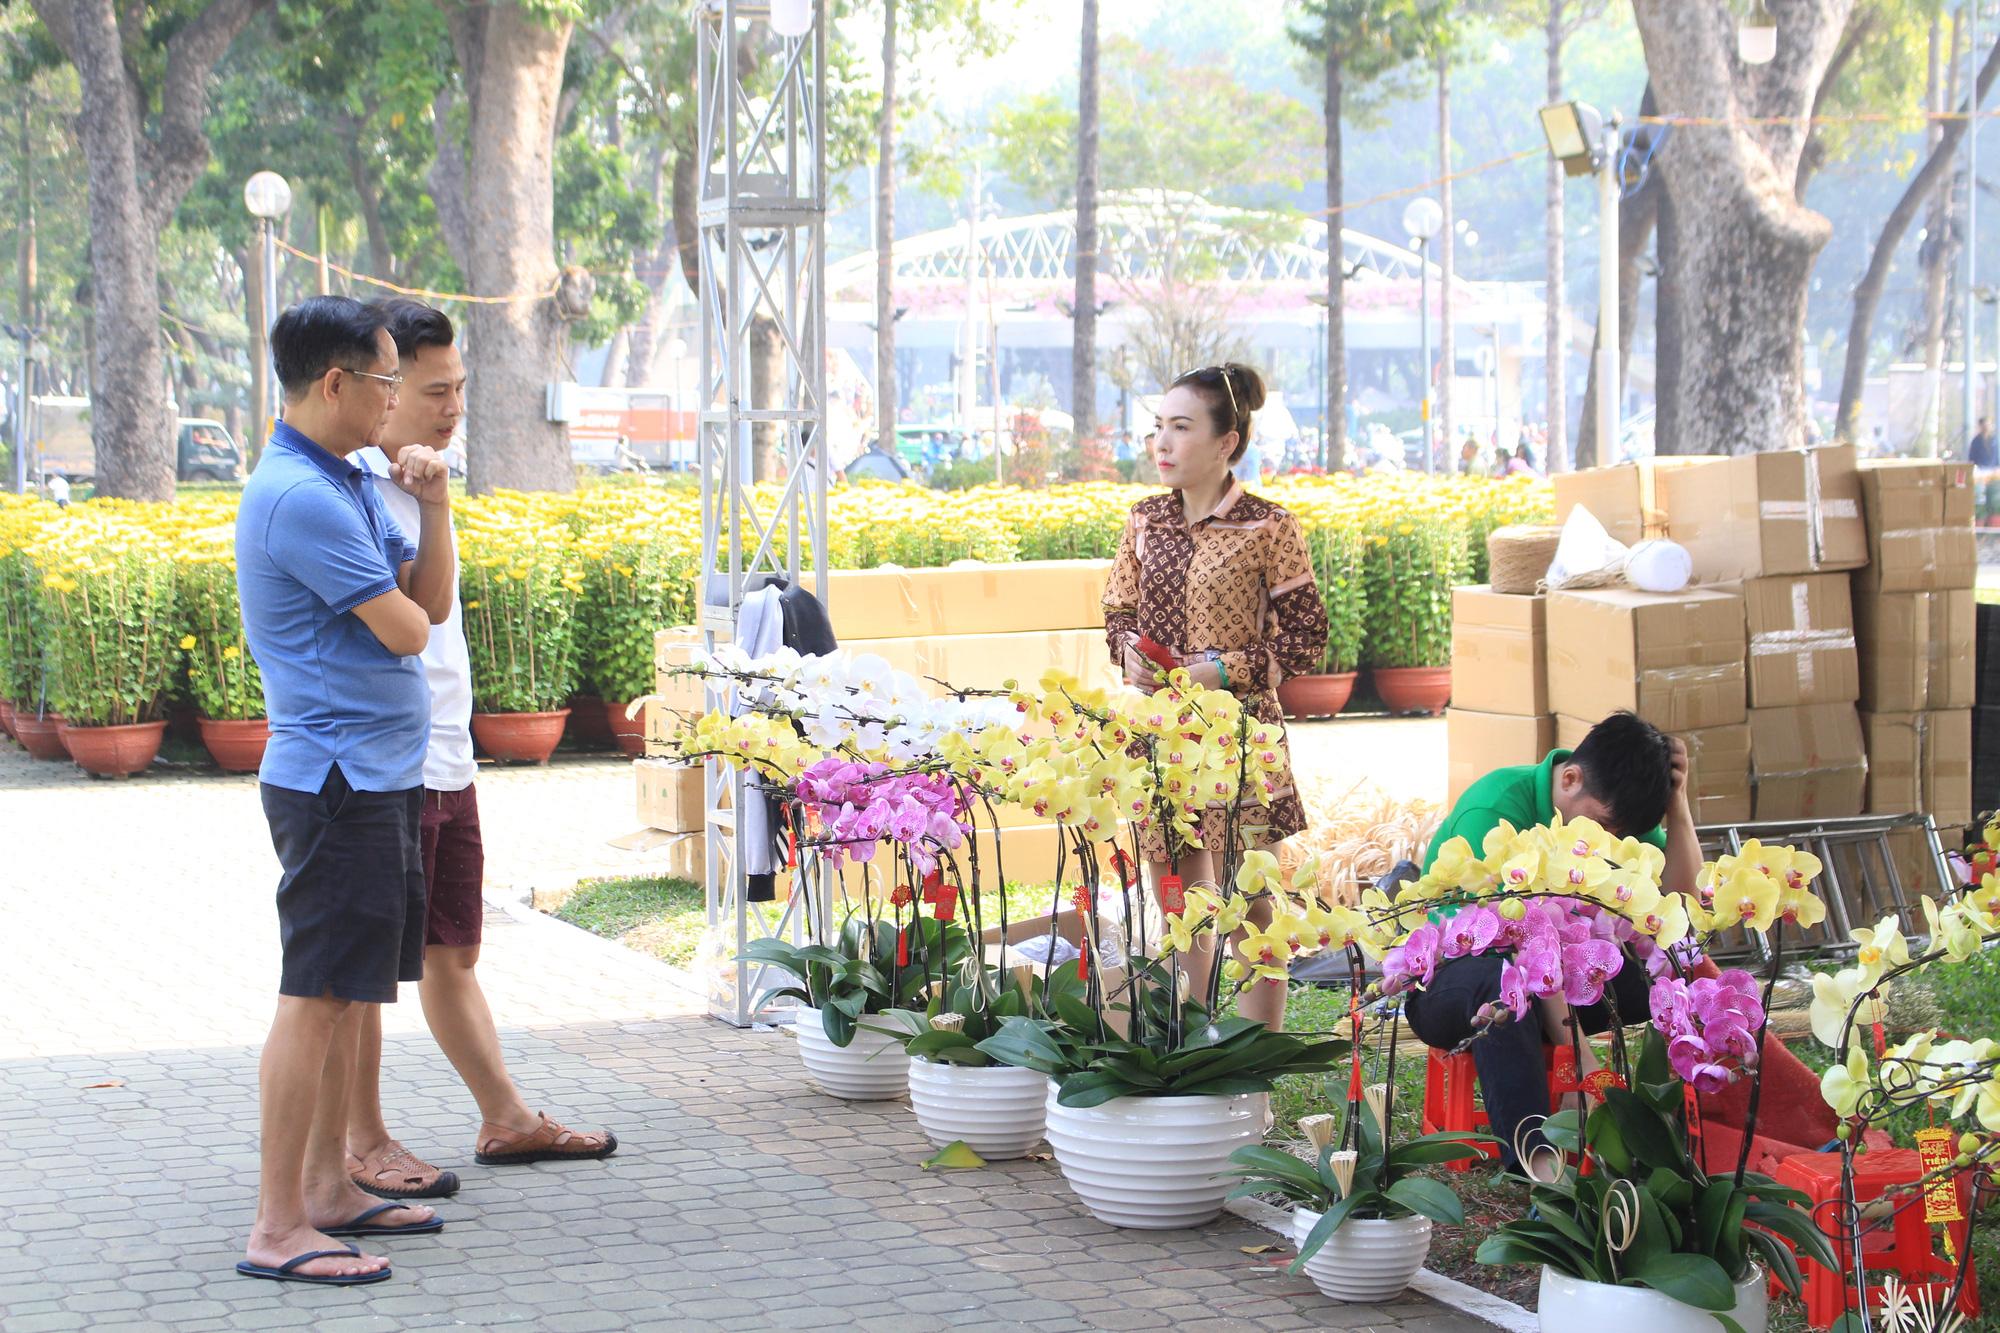 Mai Sài Gòn ồ ạt ra chợ, đi máy bay ra Hà Nội, sang Campuchia với giá hàng chục triệu đồng - Ảnh 10.